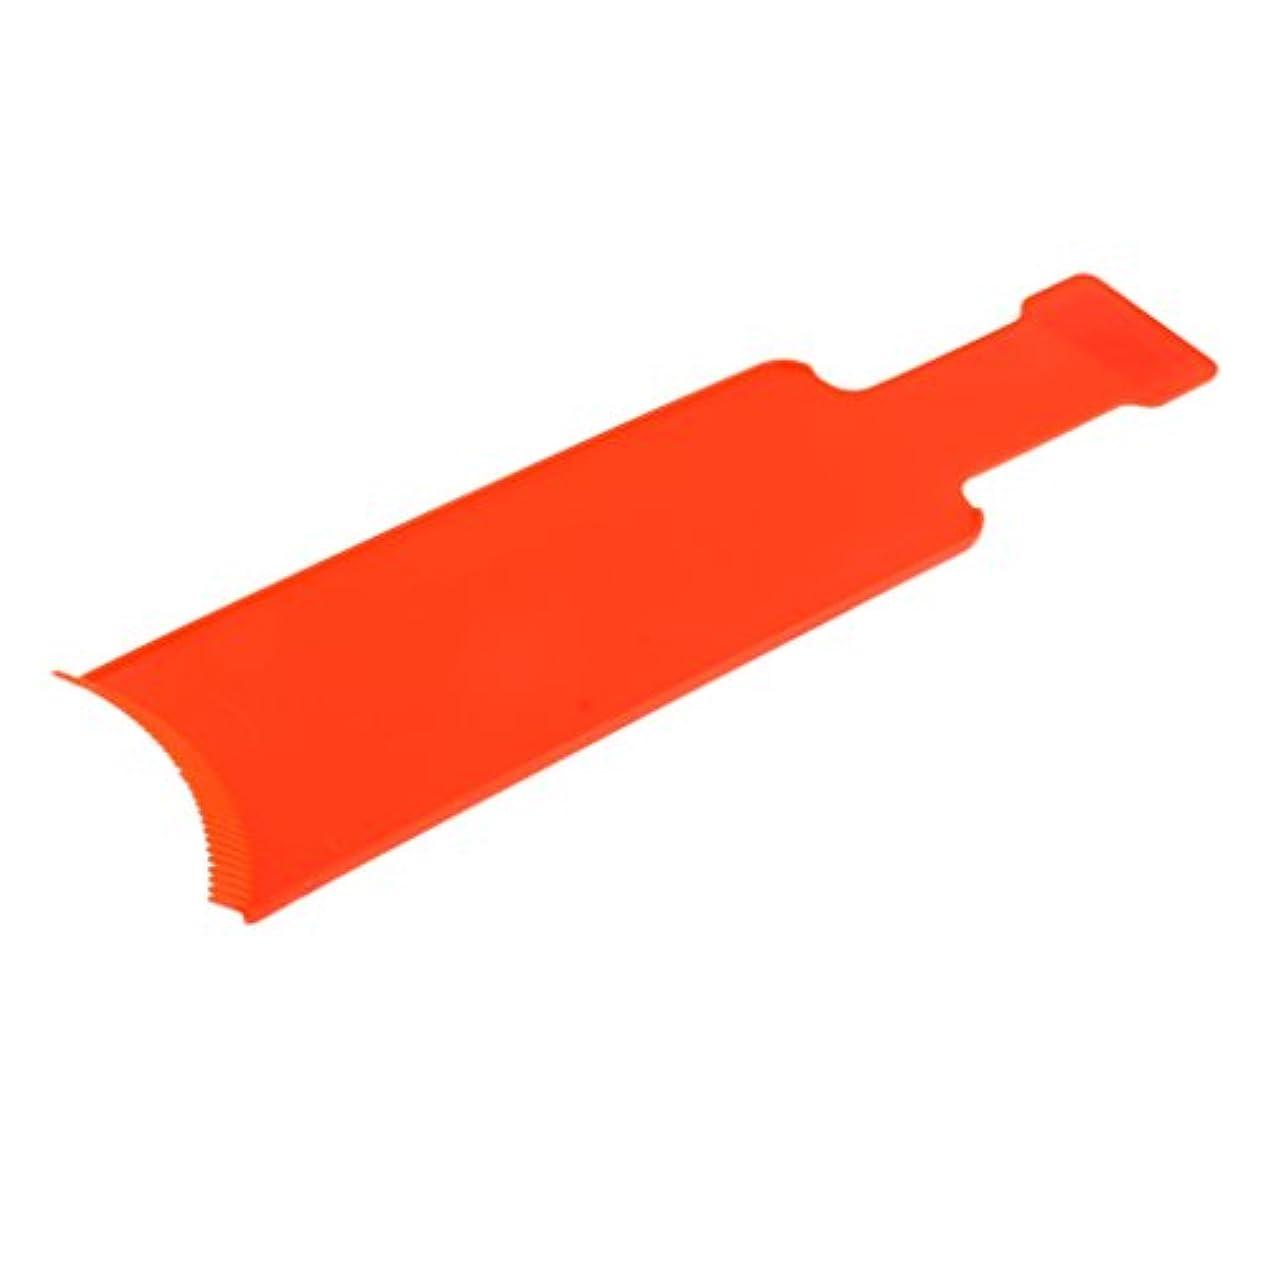 Perfk 染色櫛プレート 染めボード ヘアカラー 櫛 着色ボード ヘアブラシ セルフヘルプ プロ 家庭用 2サイズ2色選べる - L, オレンジ